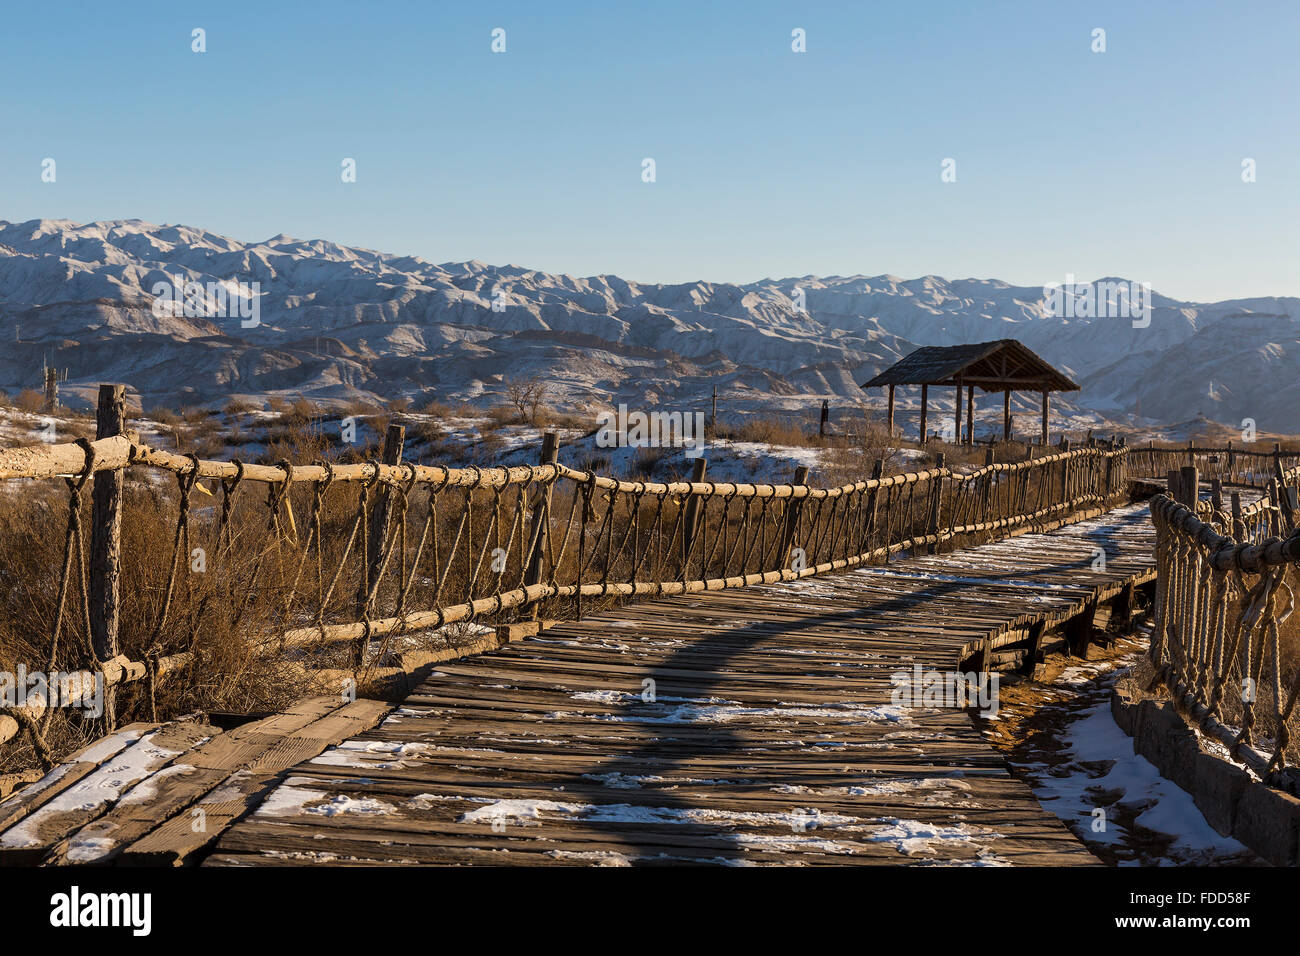 Chemin de randonnée au Parc National de Shapotou - Ningxia, Chine Banque D'Images